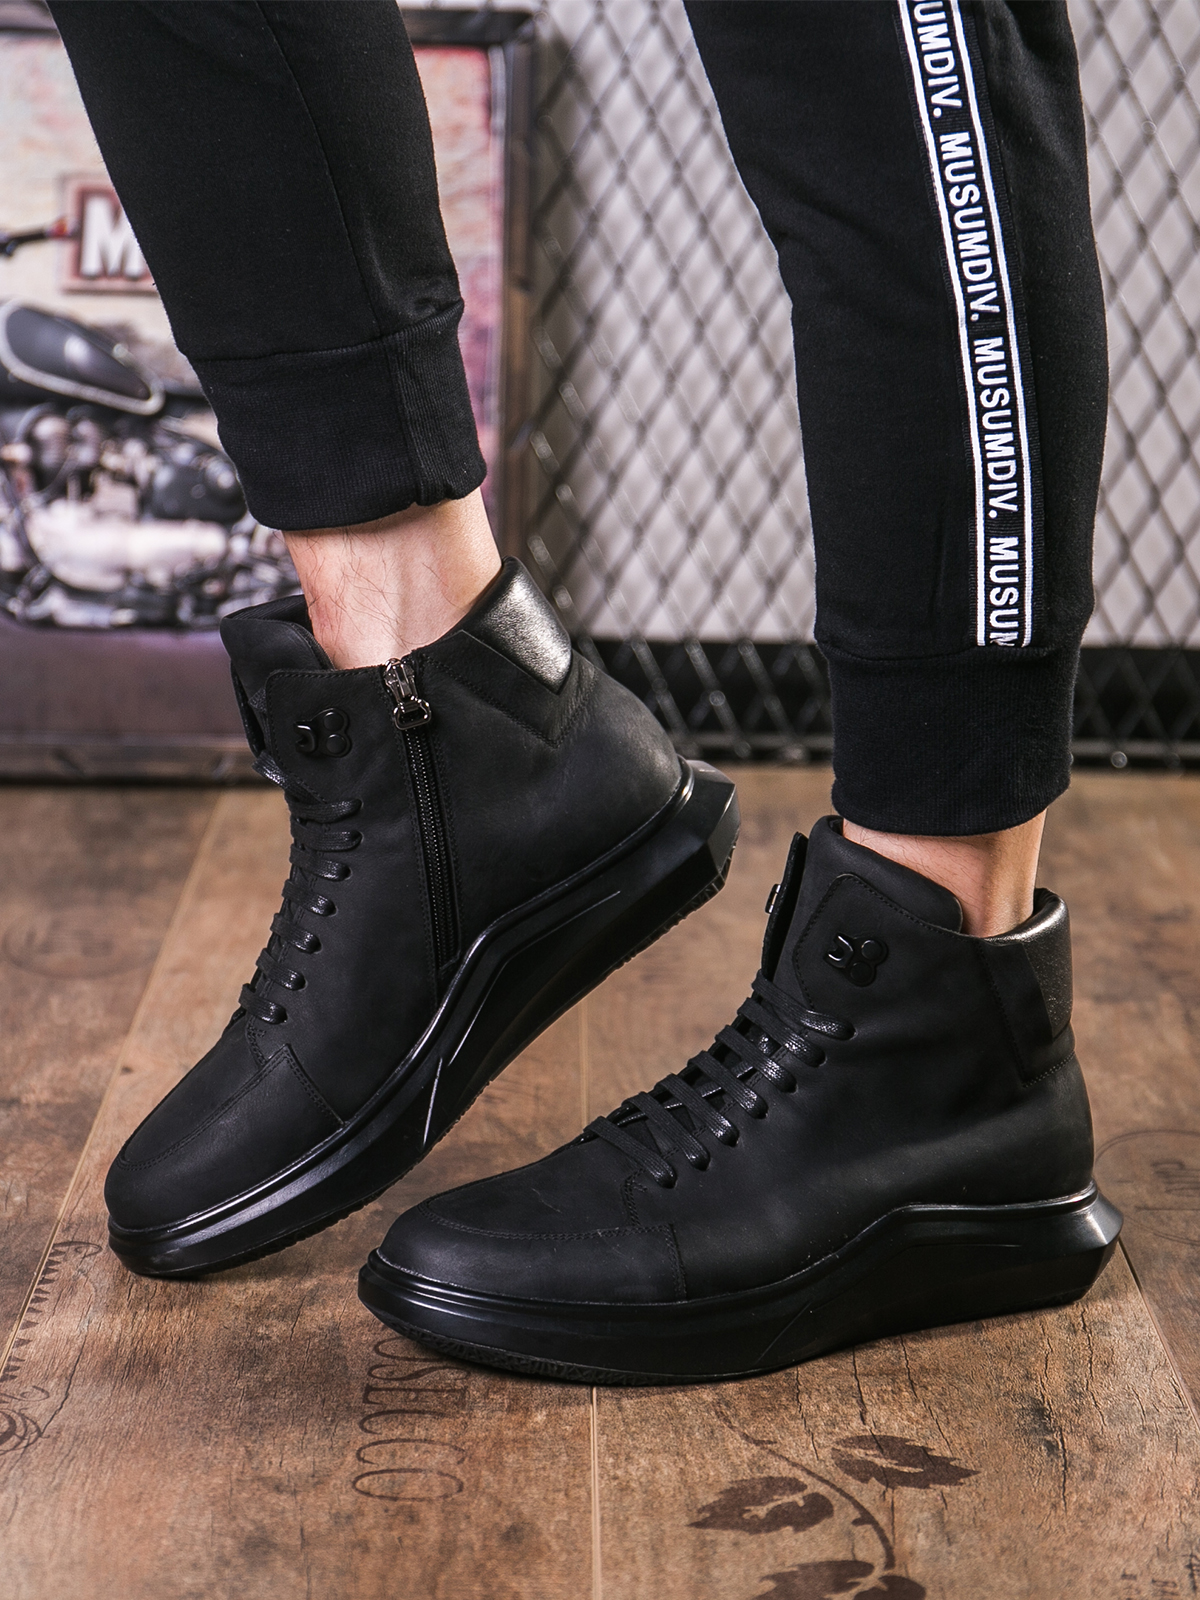 小鞋匠时尚男鞋馆